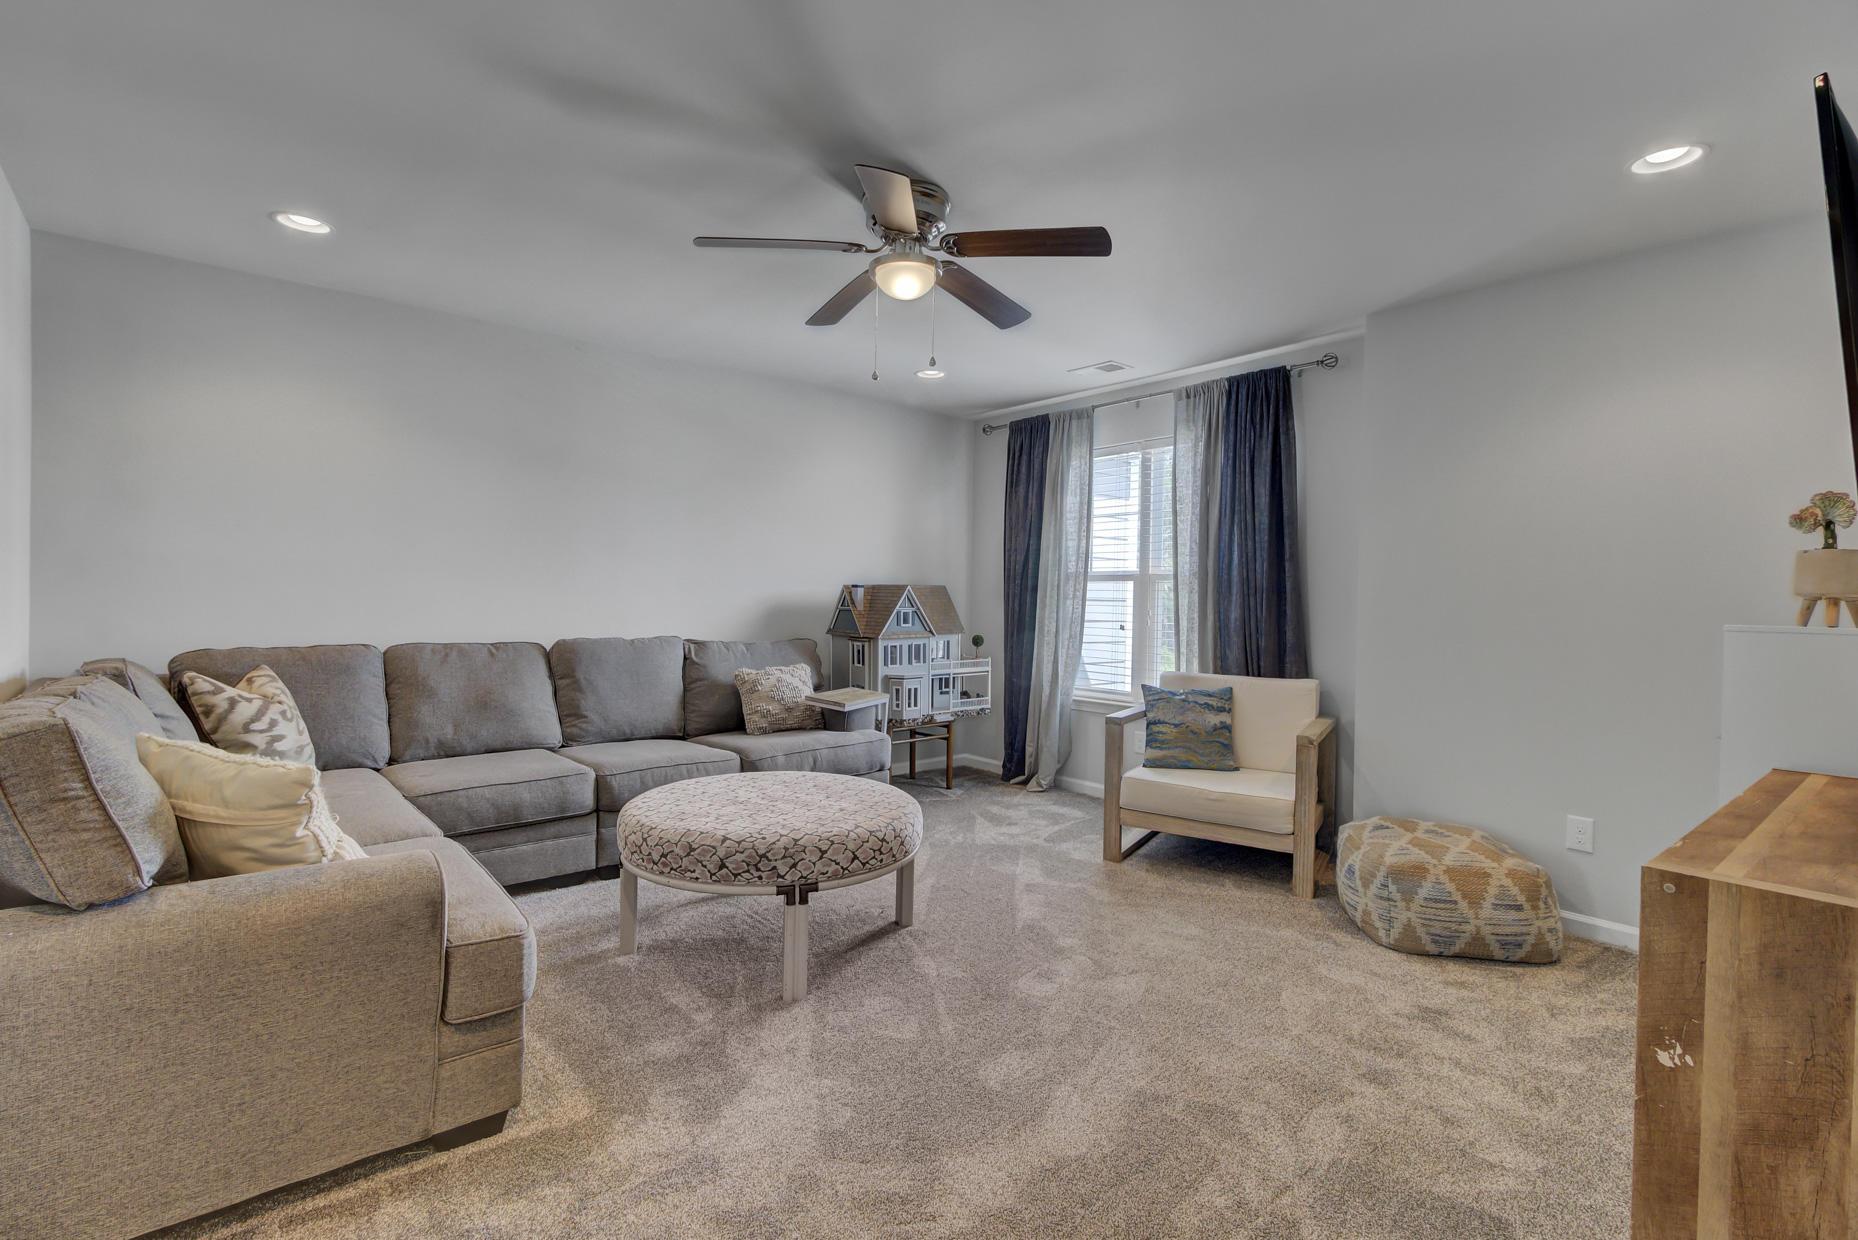 Park West Homes For Sale - 2566 Kingsfield, Mount Pleasant, SC - 40